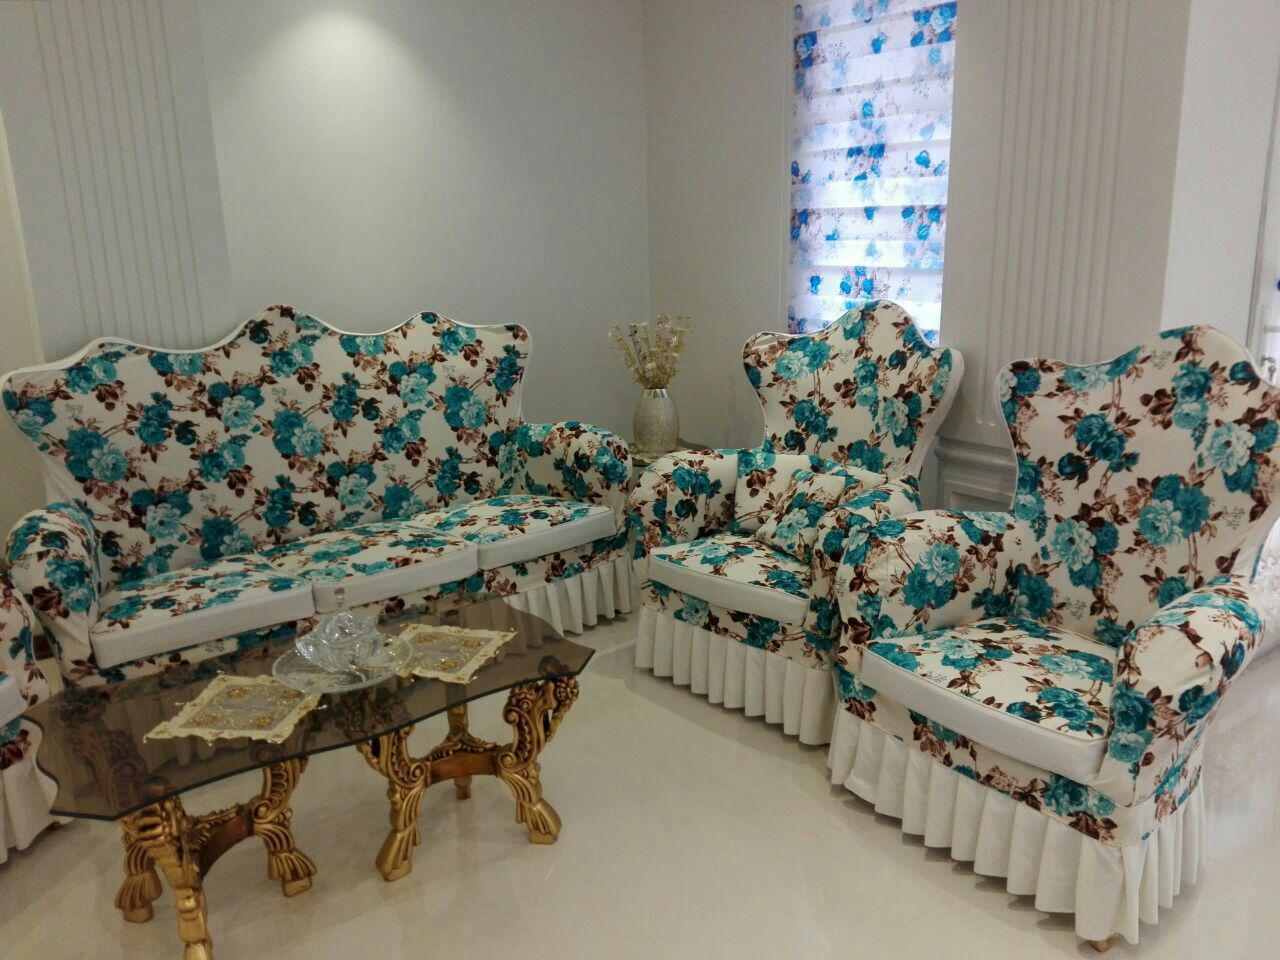 کاور مبل سلطنتی پارچه ای در اصفهان | گروه متخصص تعمیر و کاور مبلمان تکامبل اصفهان